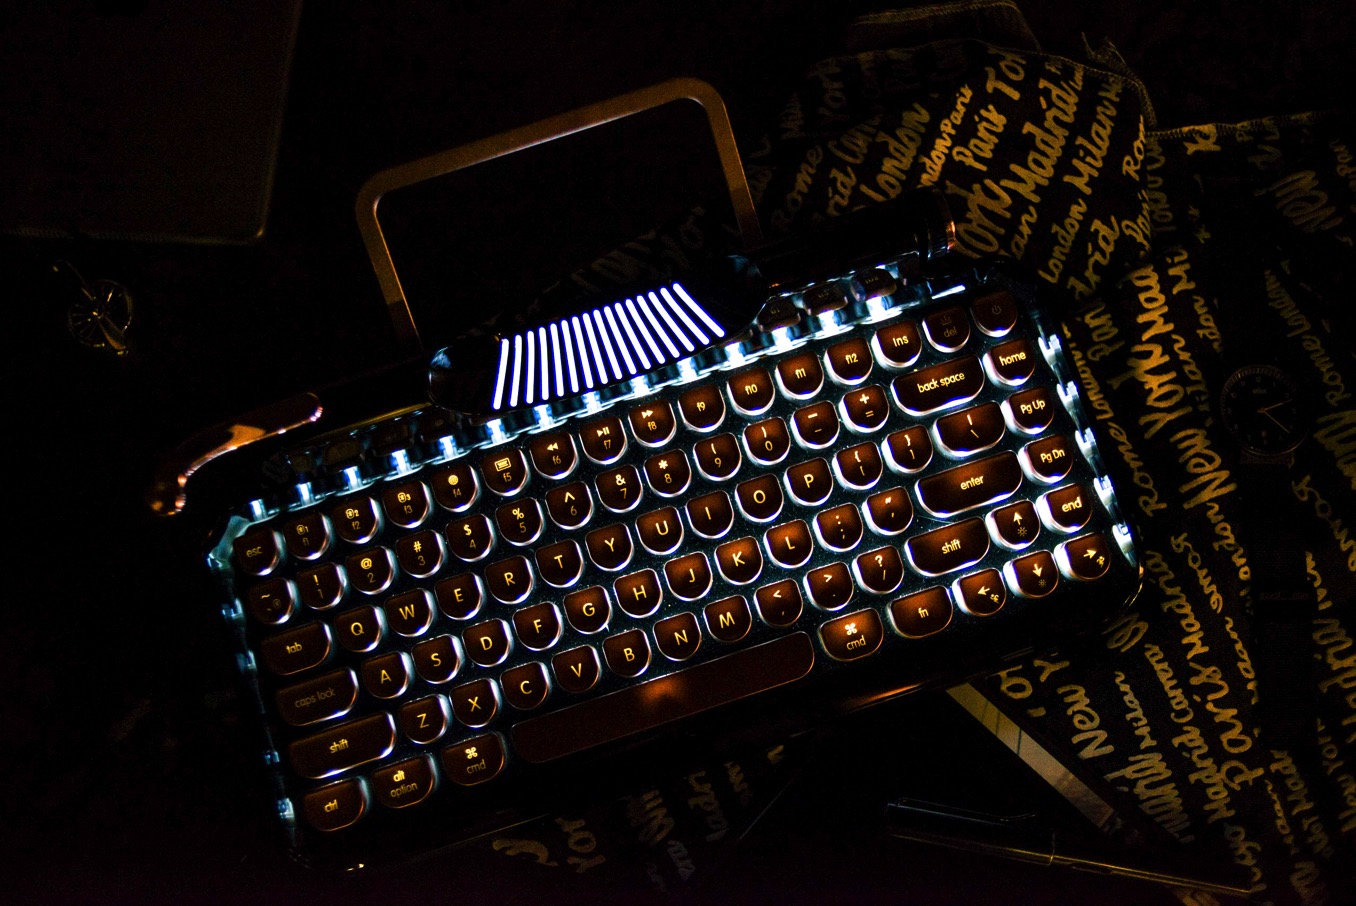 キーボード バックライト機能